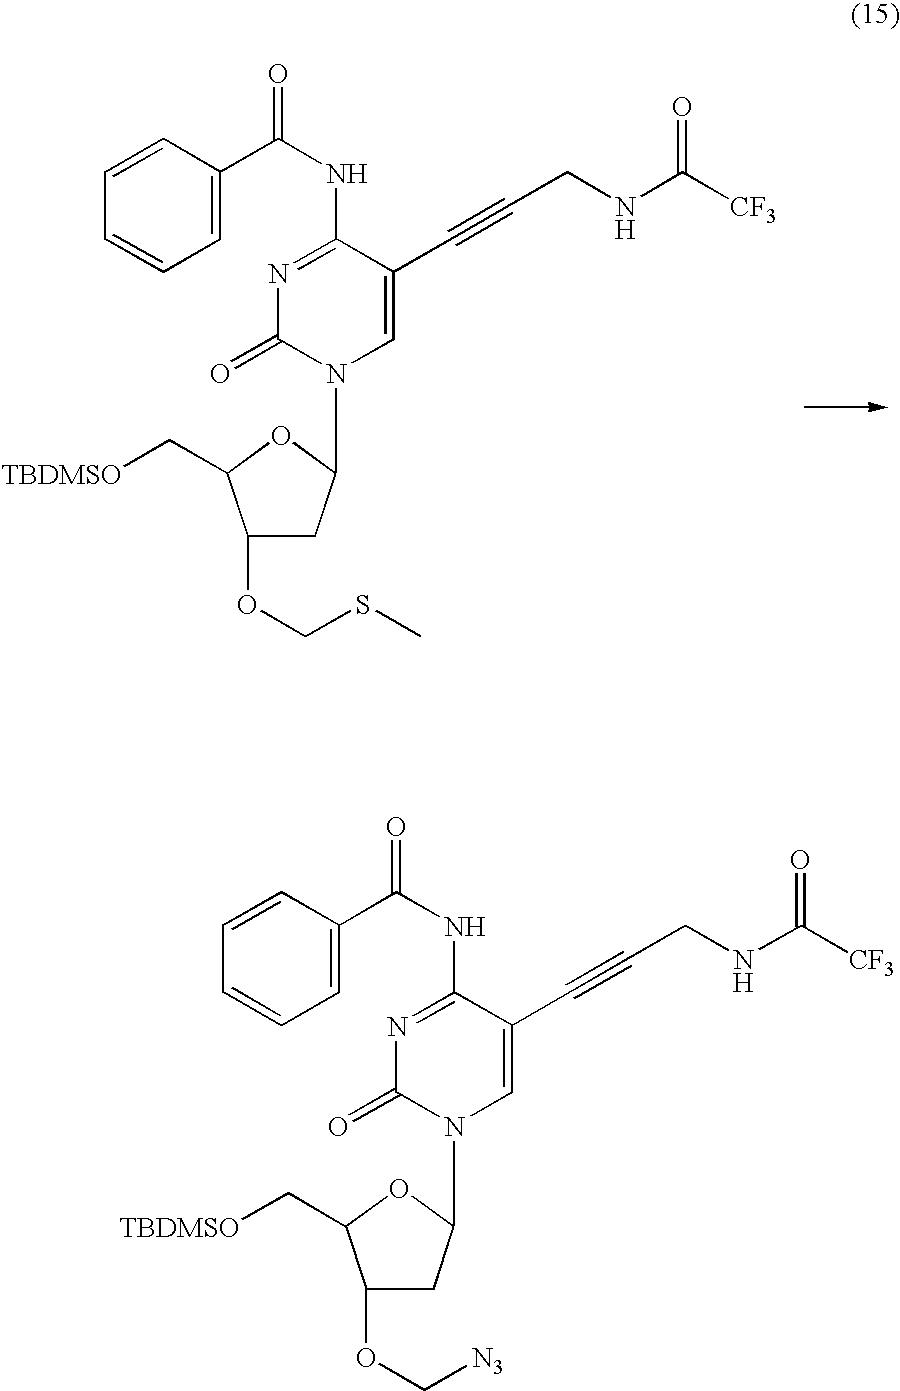 Figure US07771973-20100810-C00020